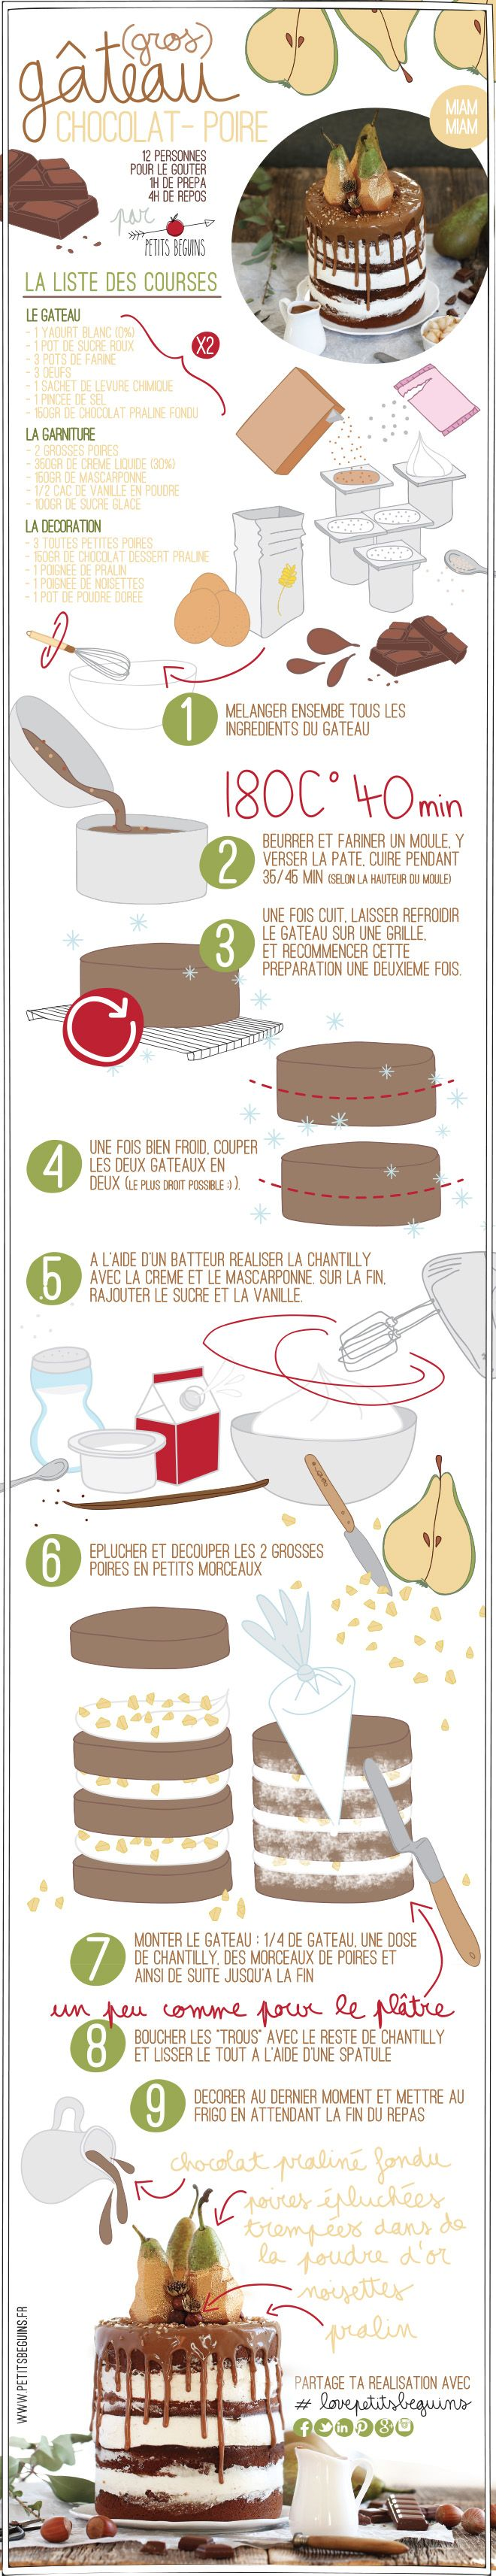 Gros gâteau facile - Poire Chocolat praliné vanille - Recette - Petits Béguins